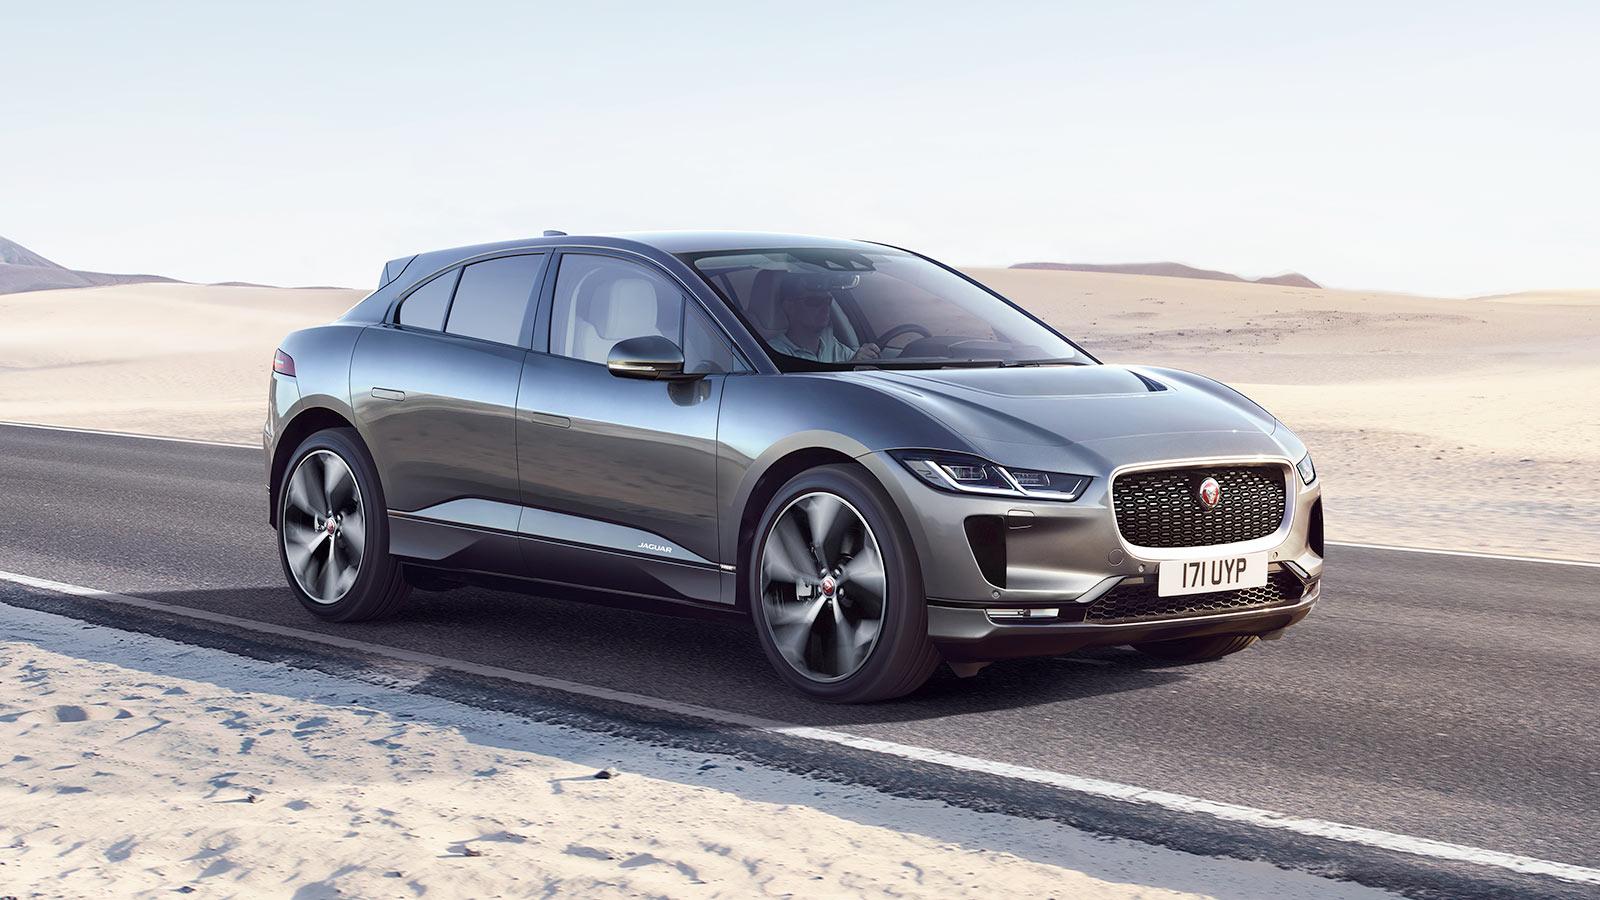 Jaguar answers questions about the I-Pace electric car's battery — Quartz